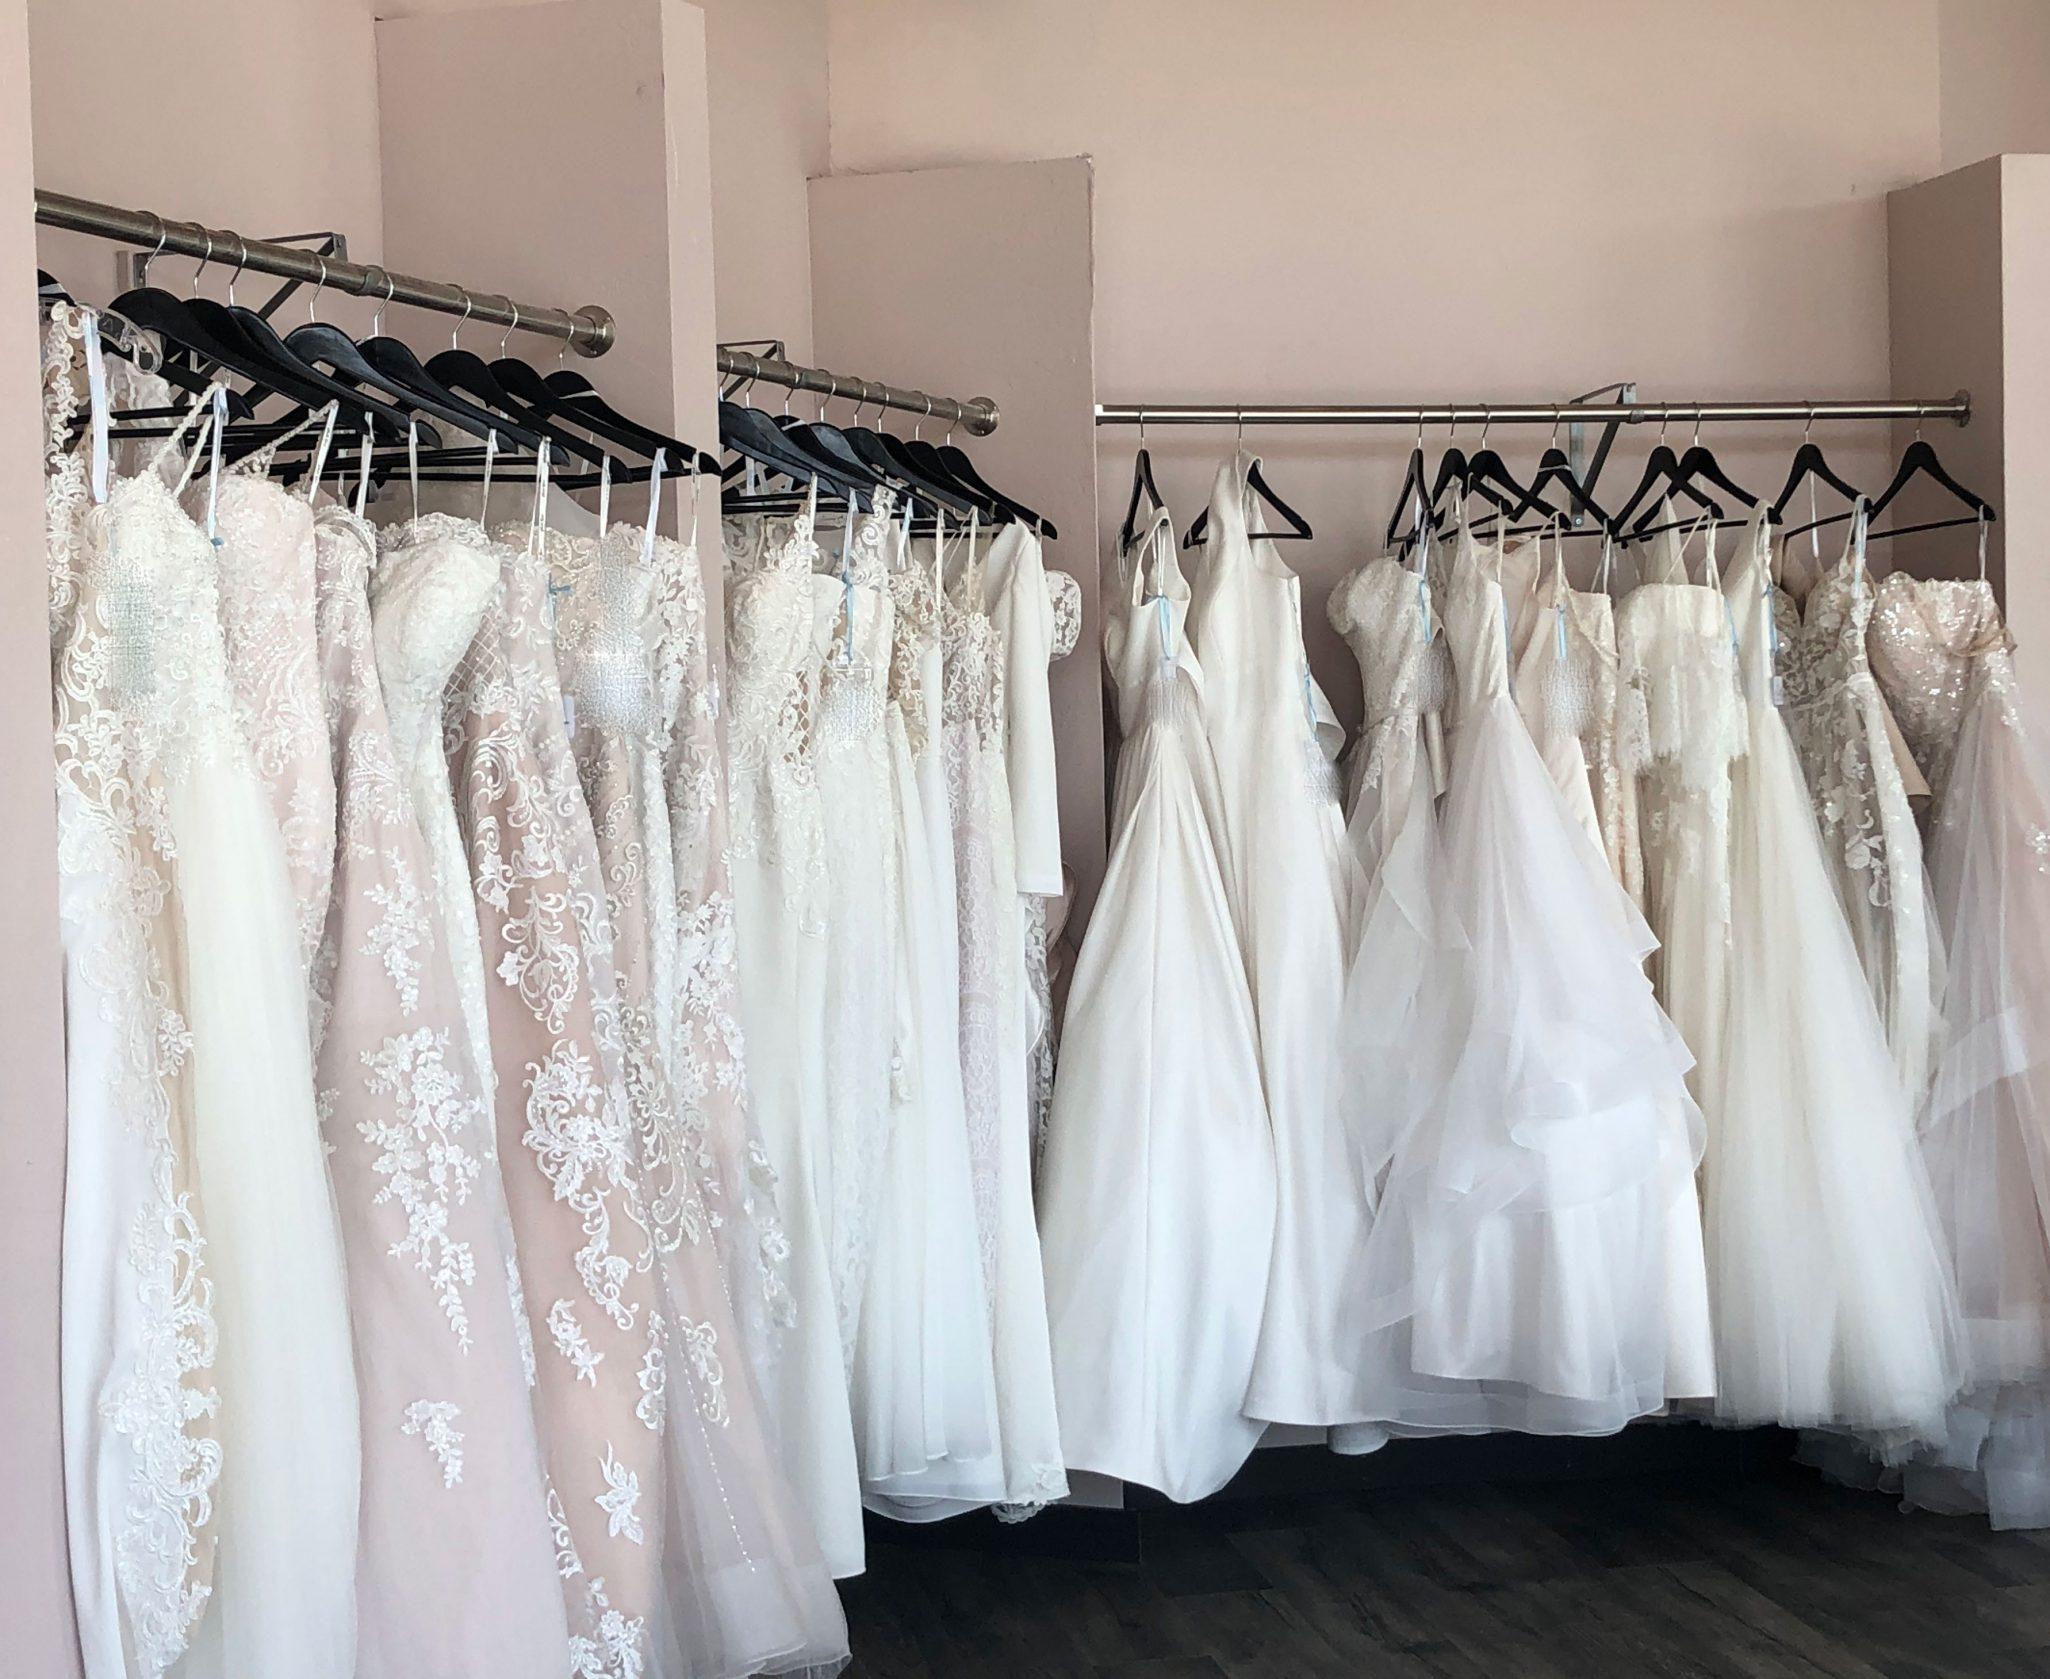 Bri's Bridal Boutique, Durango Colorado